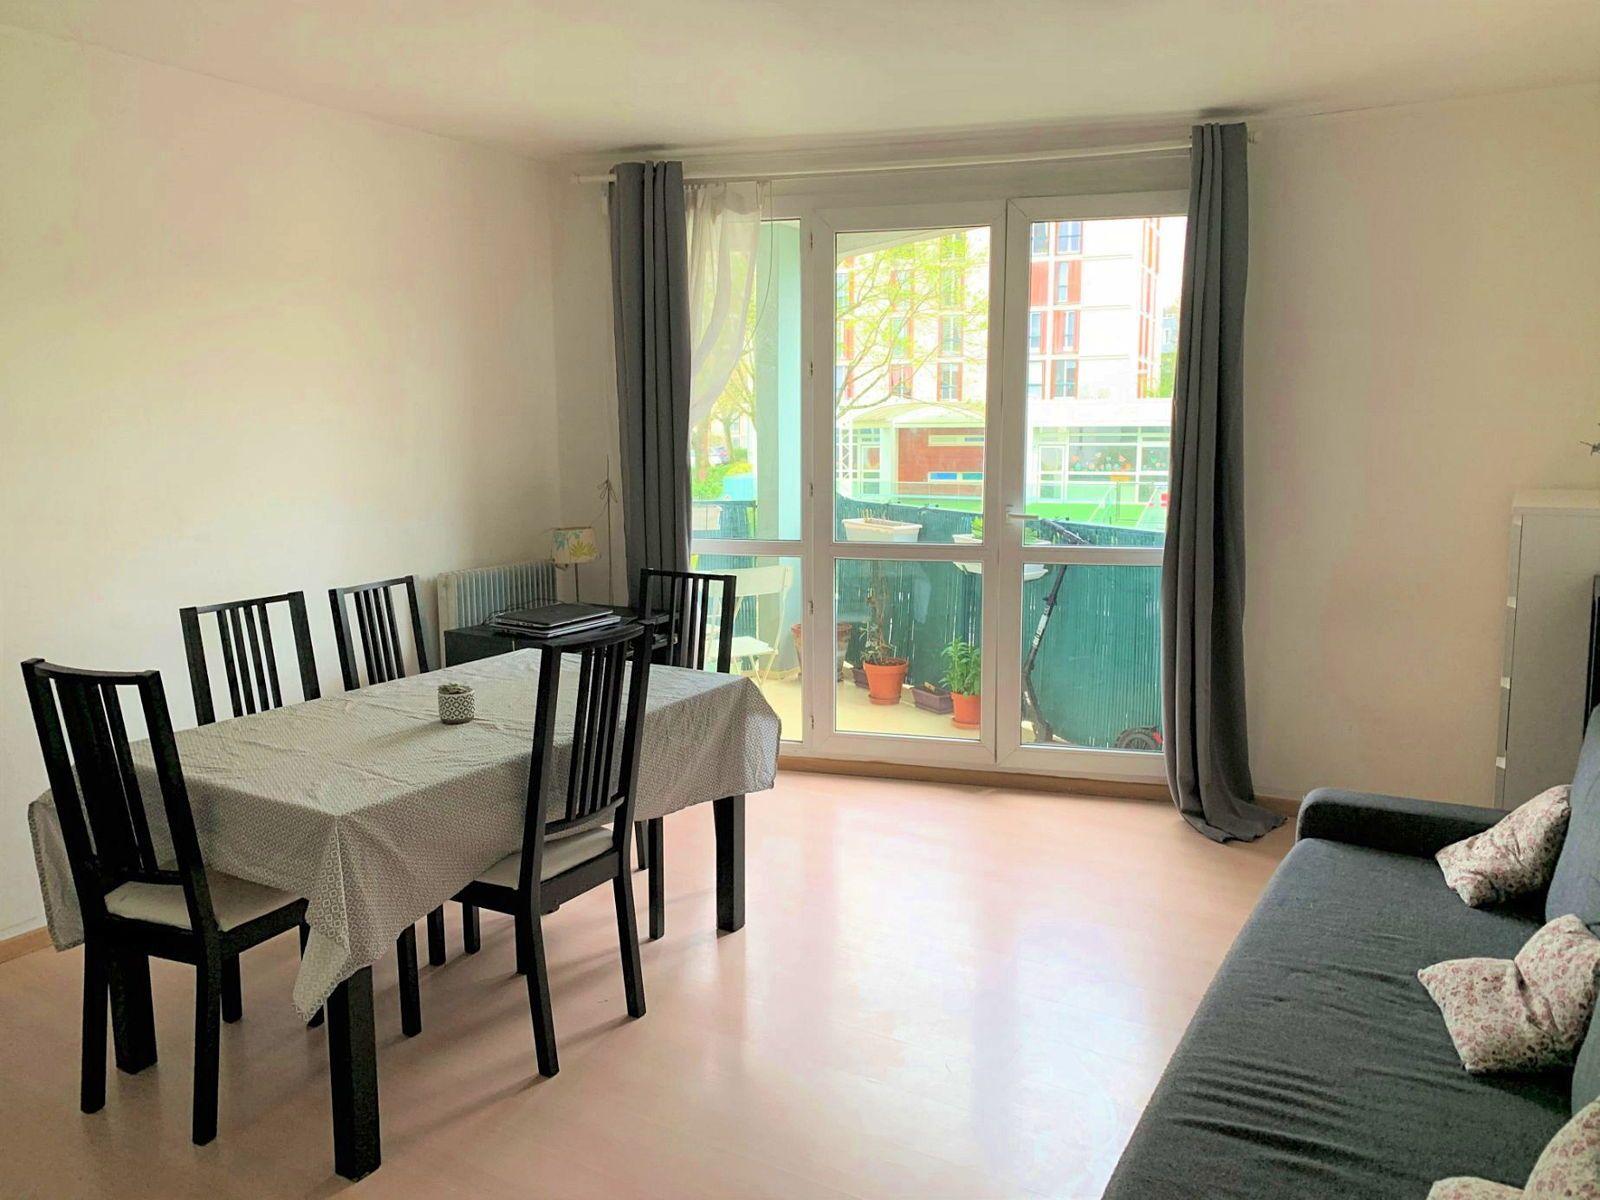 Vends Appartement Chaville 3pièce(s) 65.02m² balcon et box